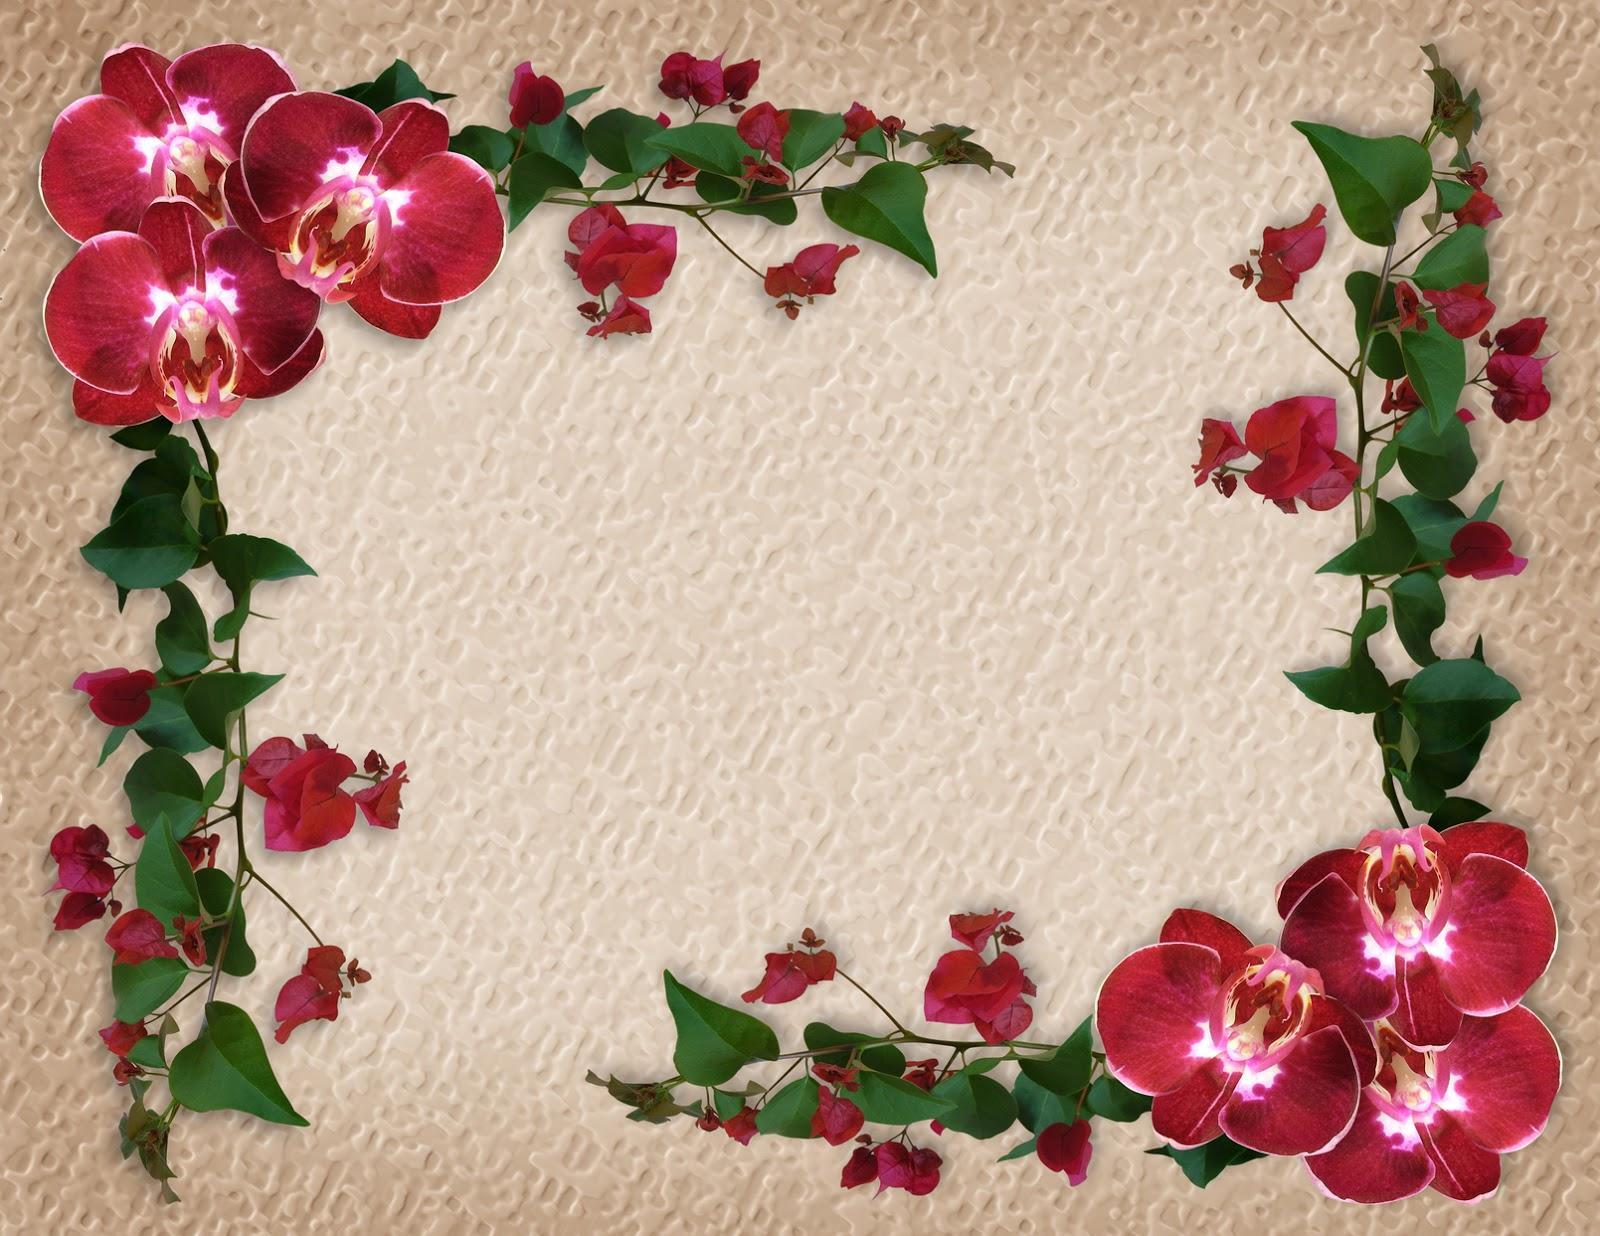 BANCO DE IMÁGENES: Marco con flores rojas para escribir mensajes ...